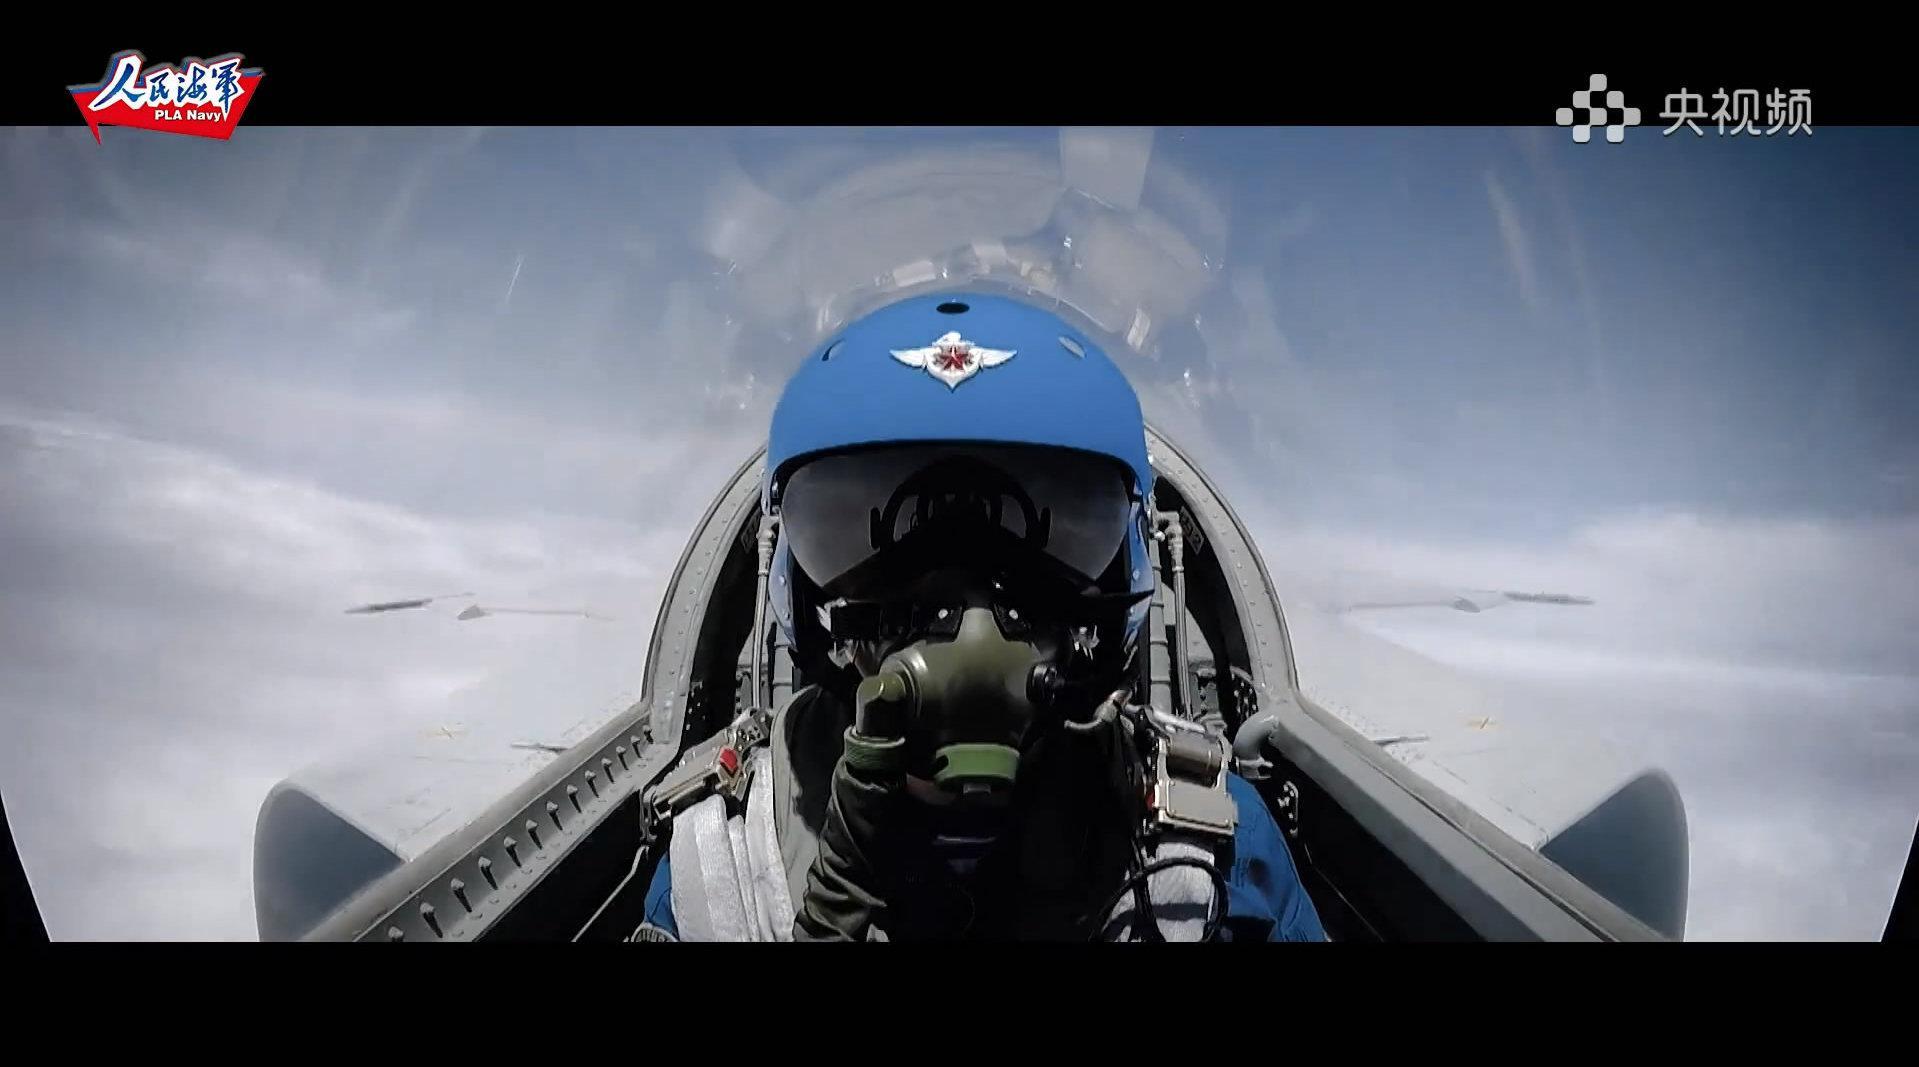 转存大片!第一视角看歼轰7帅气起飞